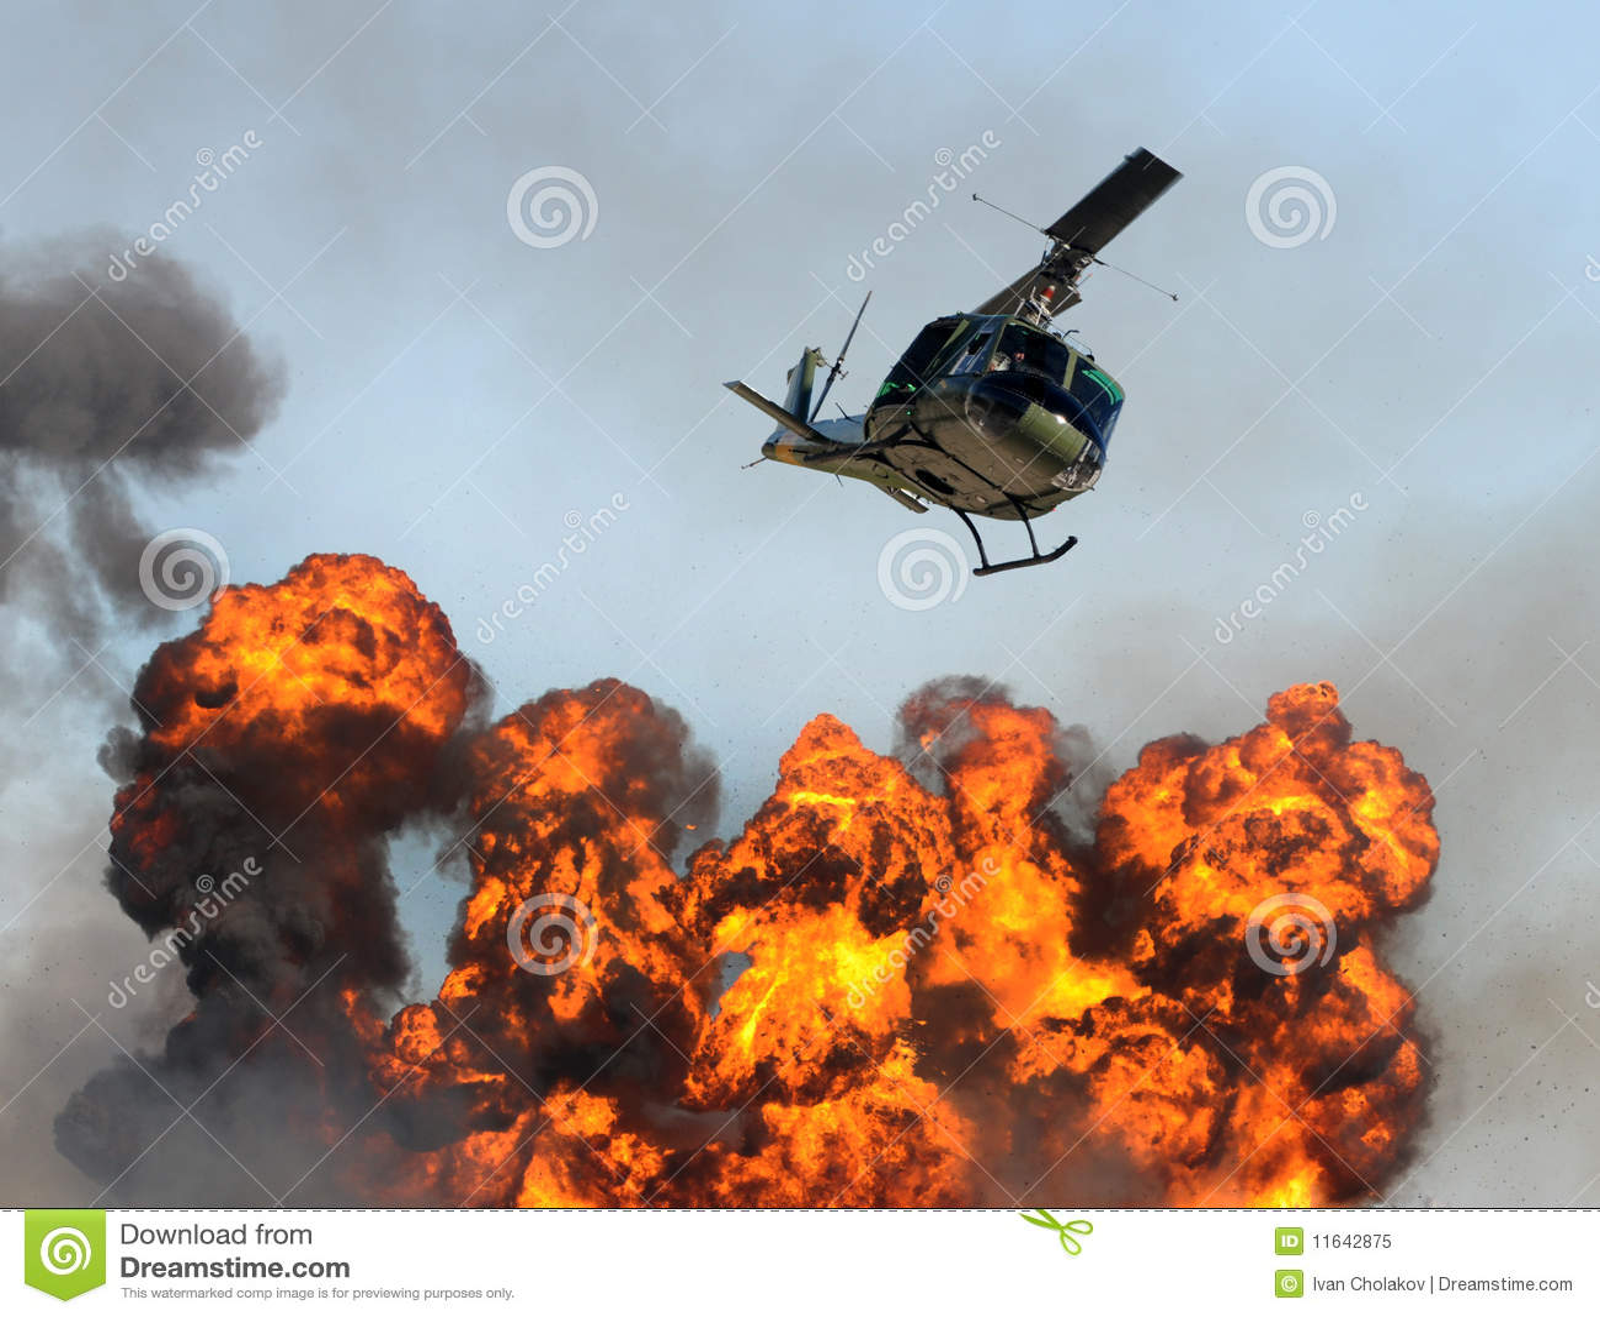 Hélicoptère au-dessus d incendie